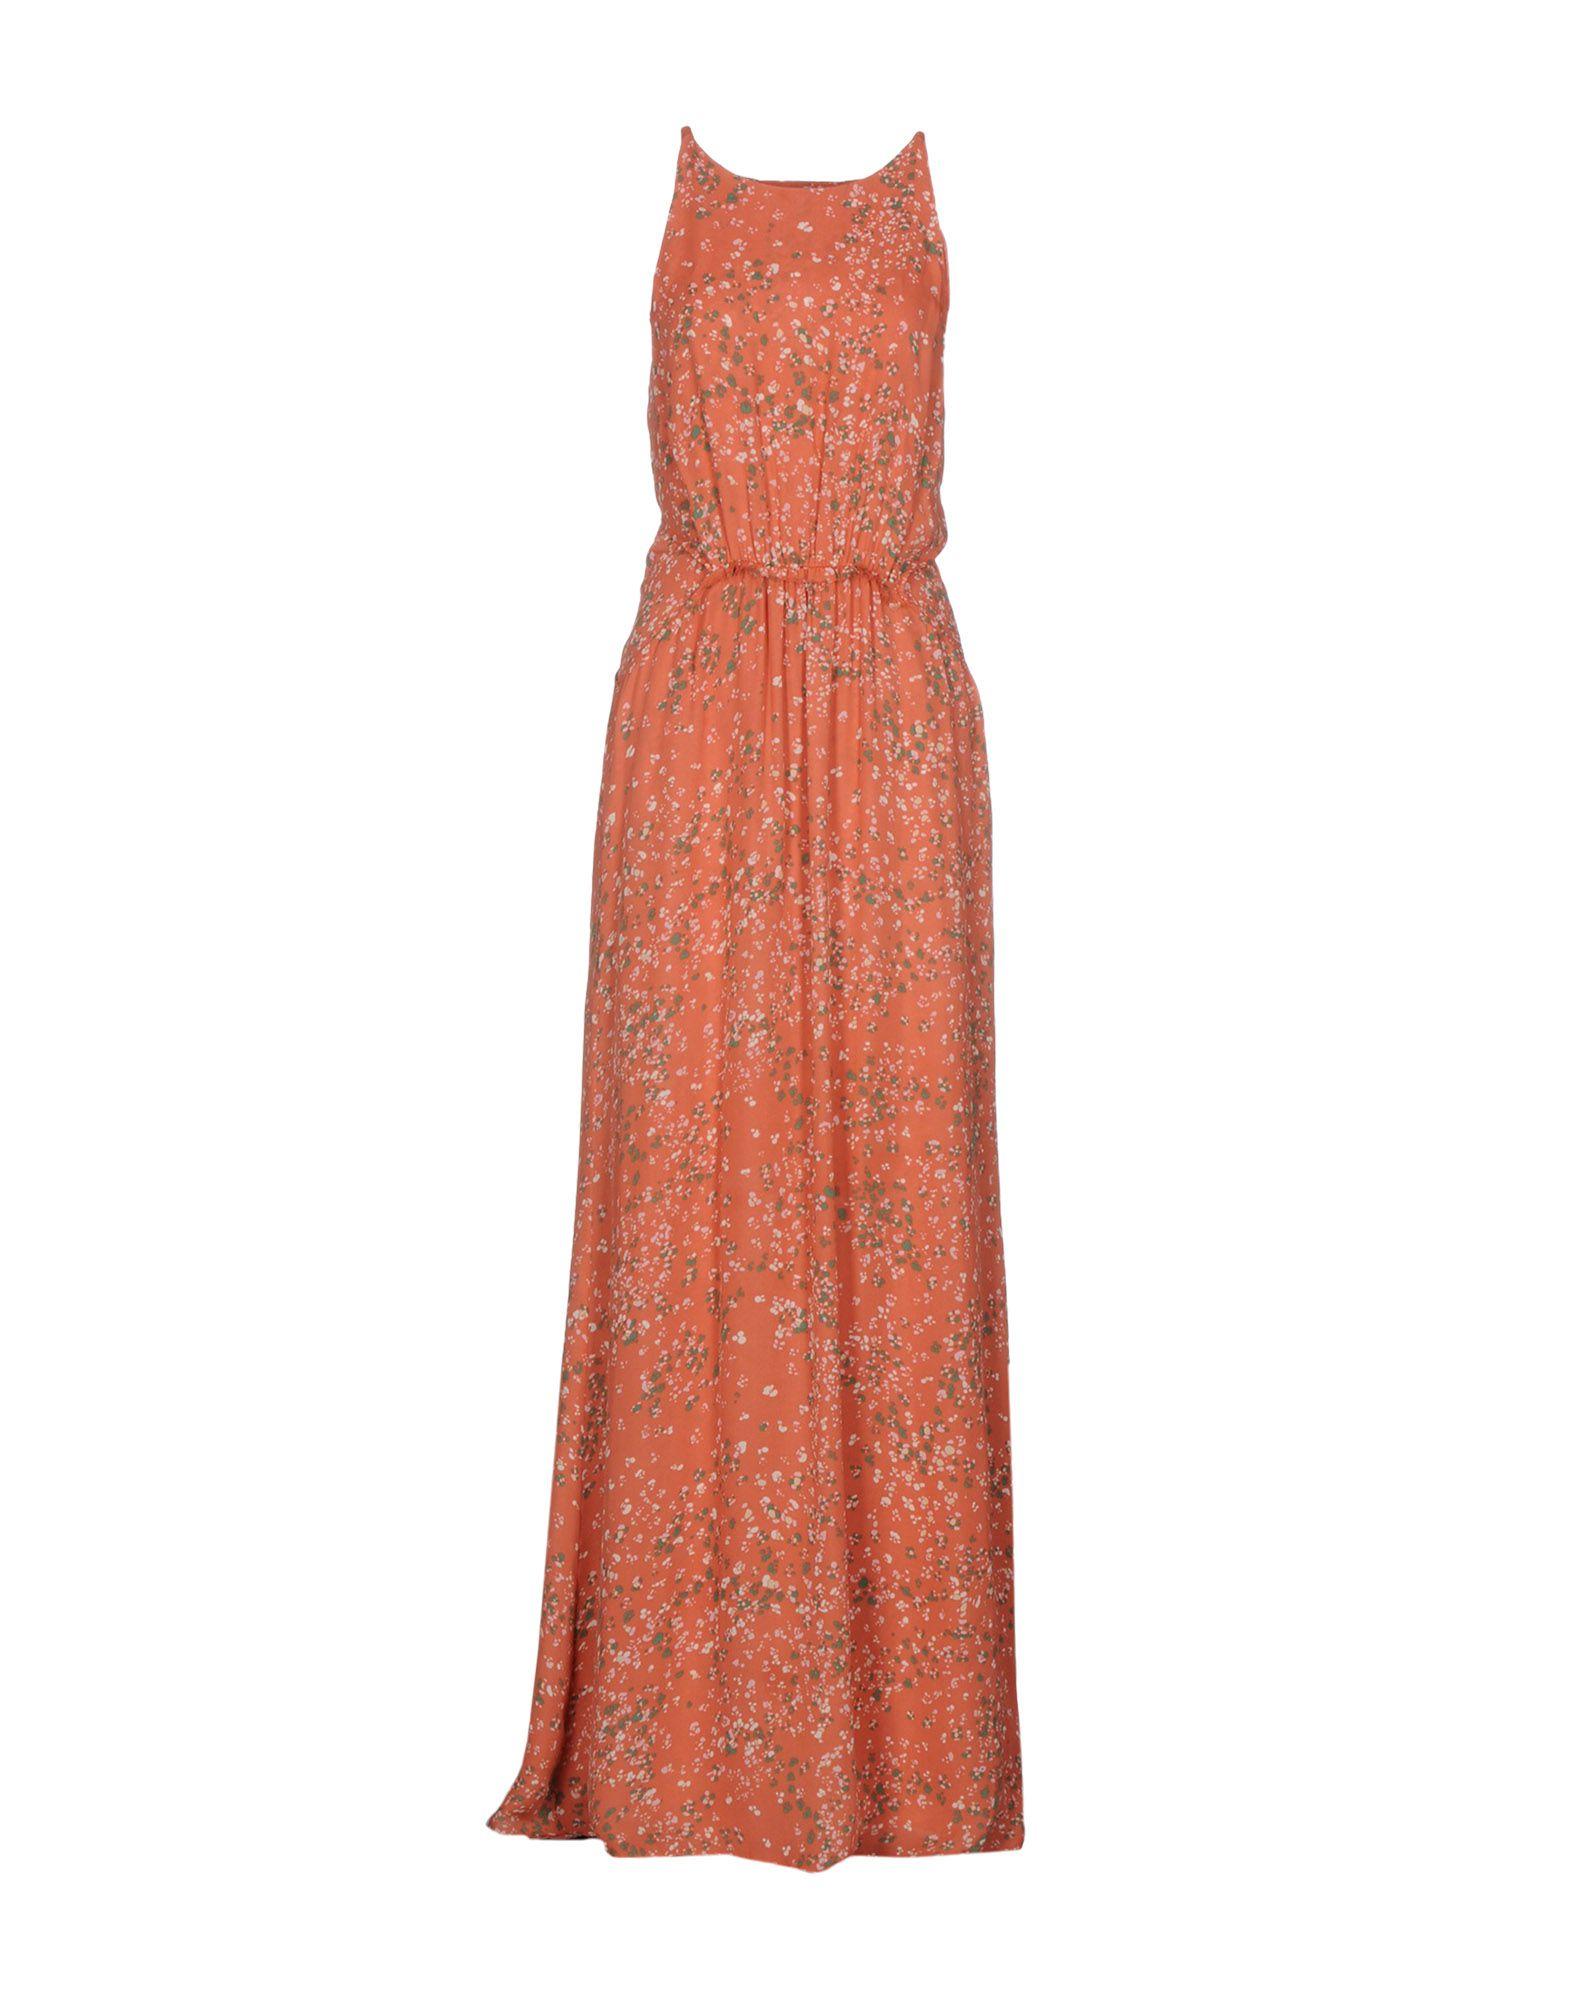 INTROPIA Damen Langes Kleid Farbe Purpur Größe 4 - broschei